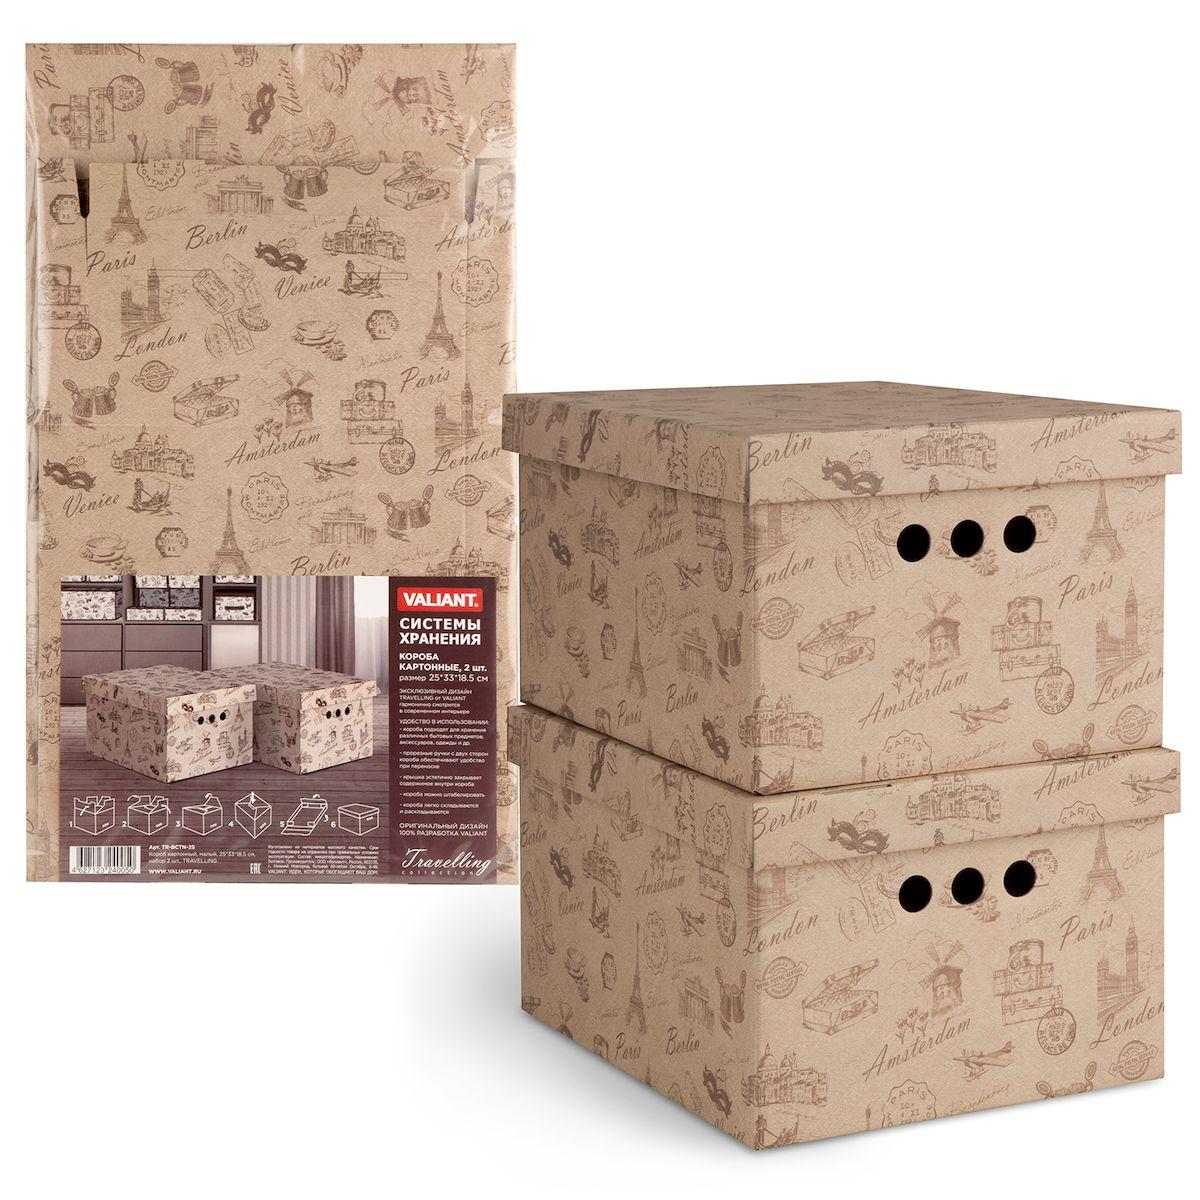 Коробка для хранения Valiant Travelling, складная, 25 х 33 х 18,5 см, 2 штTR-BCTN-2SЛегкие и прочные коробки Valiant Travelling, выполненные из картона, оформлены оригинальными изображениями и надписями. В комплект входят две коробки. Благодаря прорезным ручкам с двух сторон коробки удобно поднимать и переносить. Изделия оснащены крышками. Коробки являются самосборными, на упаковке имеется инструкция по сборке. Благодаря вместительности коробок вы сможете сэкономить место в вашем доме, и все вещи всегда будут в порядке.